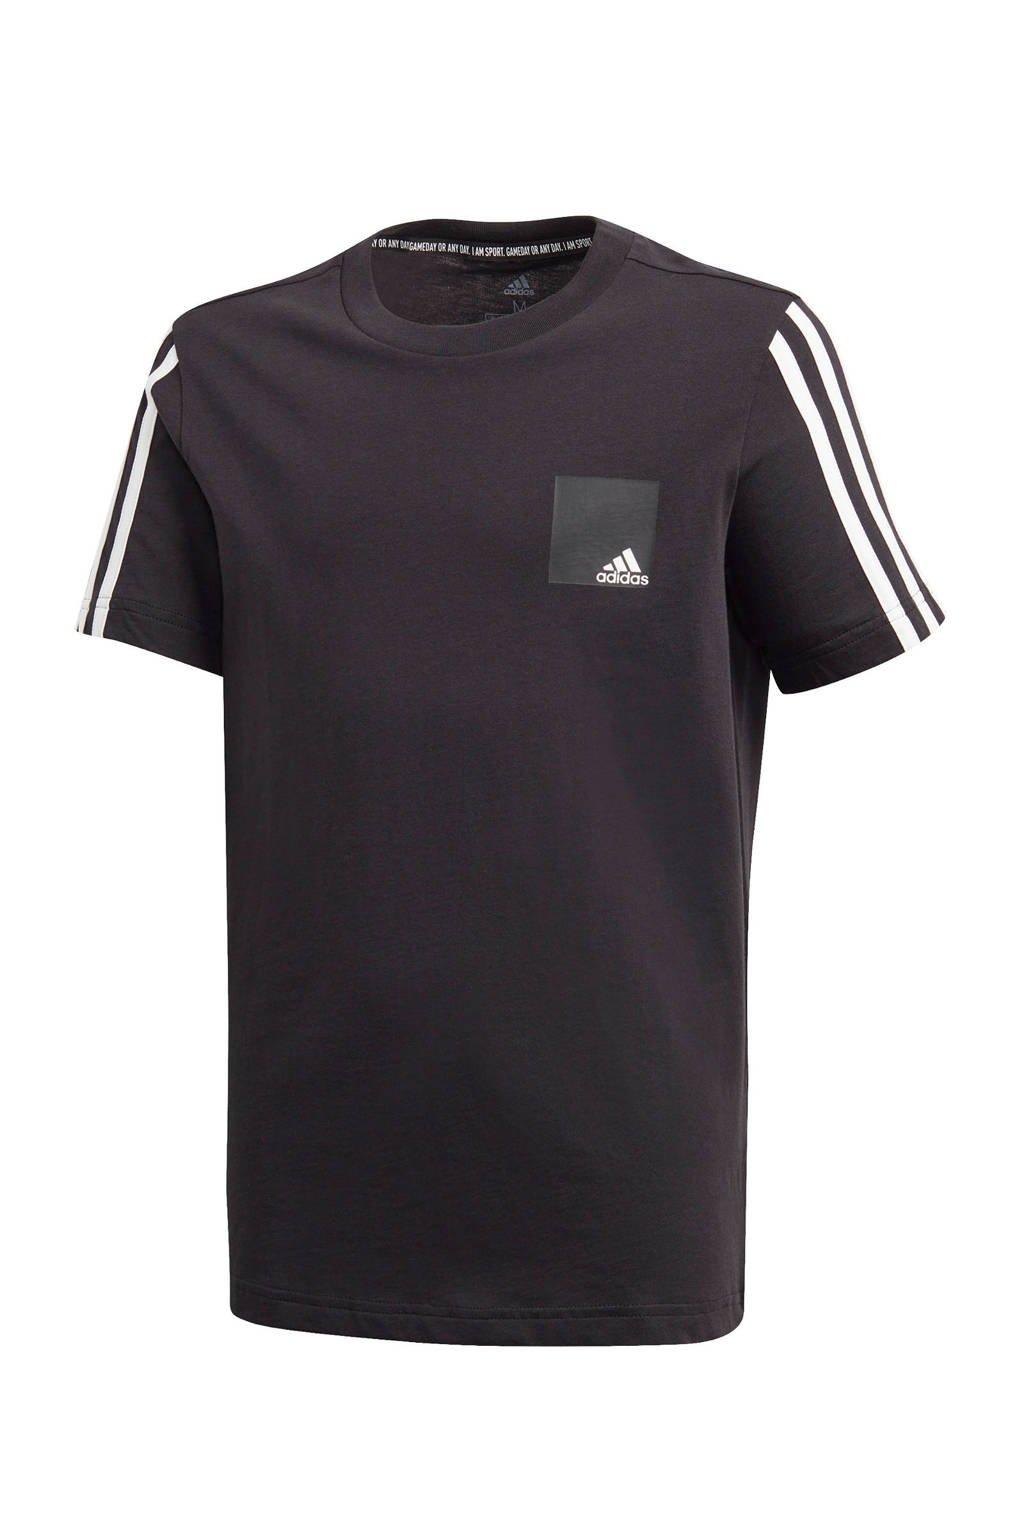 adidas   sport T-shirt zwart/wit, Zwart/wit